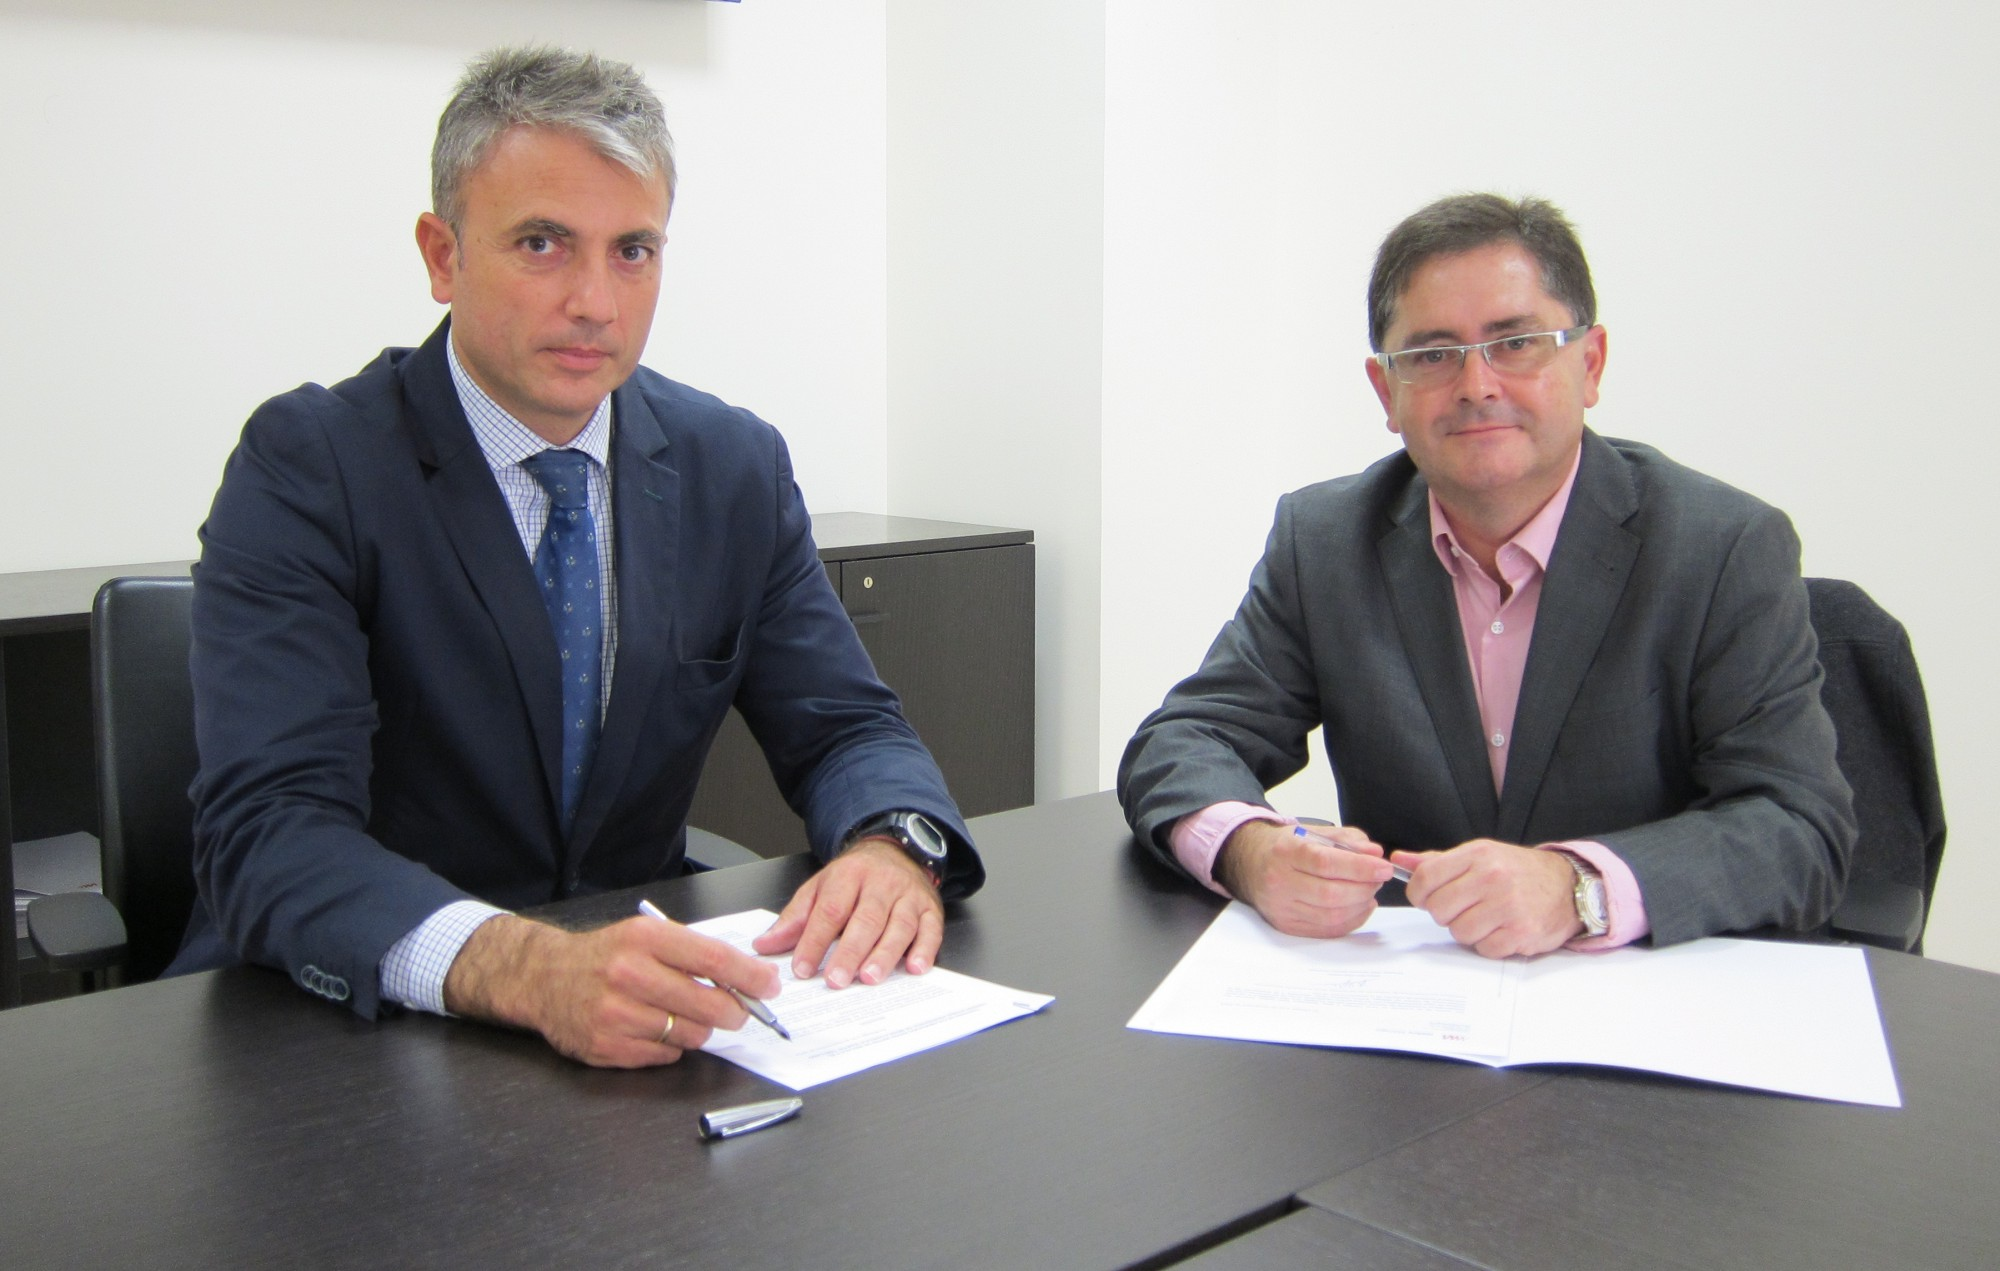 el director general de Metro de M�laga, Fernando Lozano, y el director del Conservatorio, Alejandro D�az firman un acuerdo de colaboraci�n.